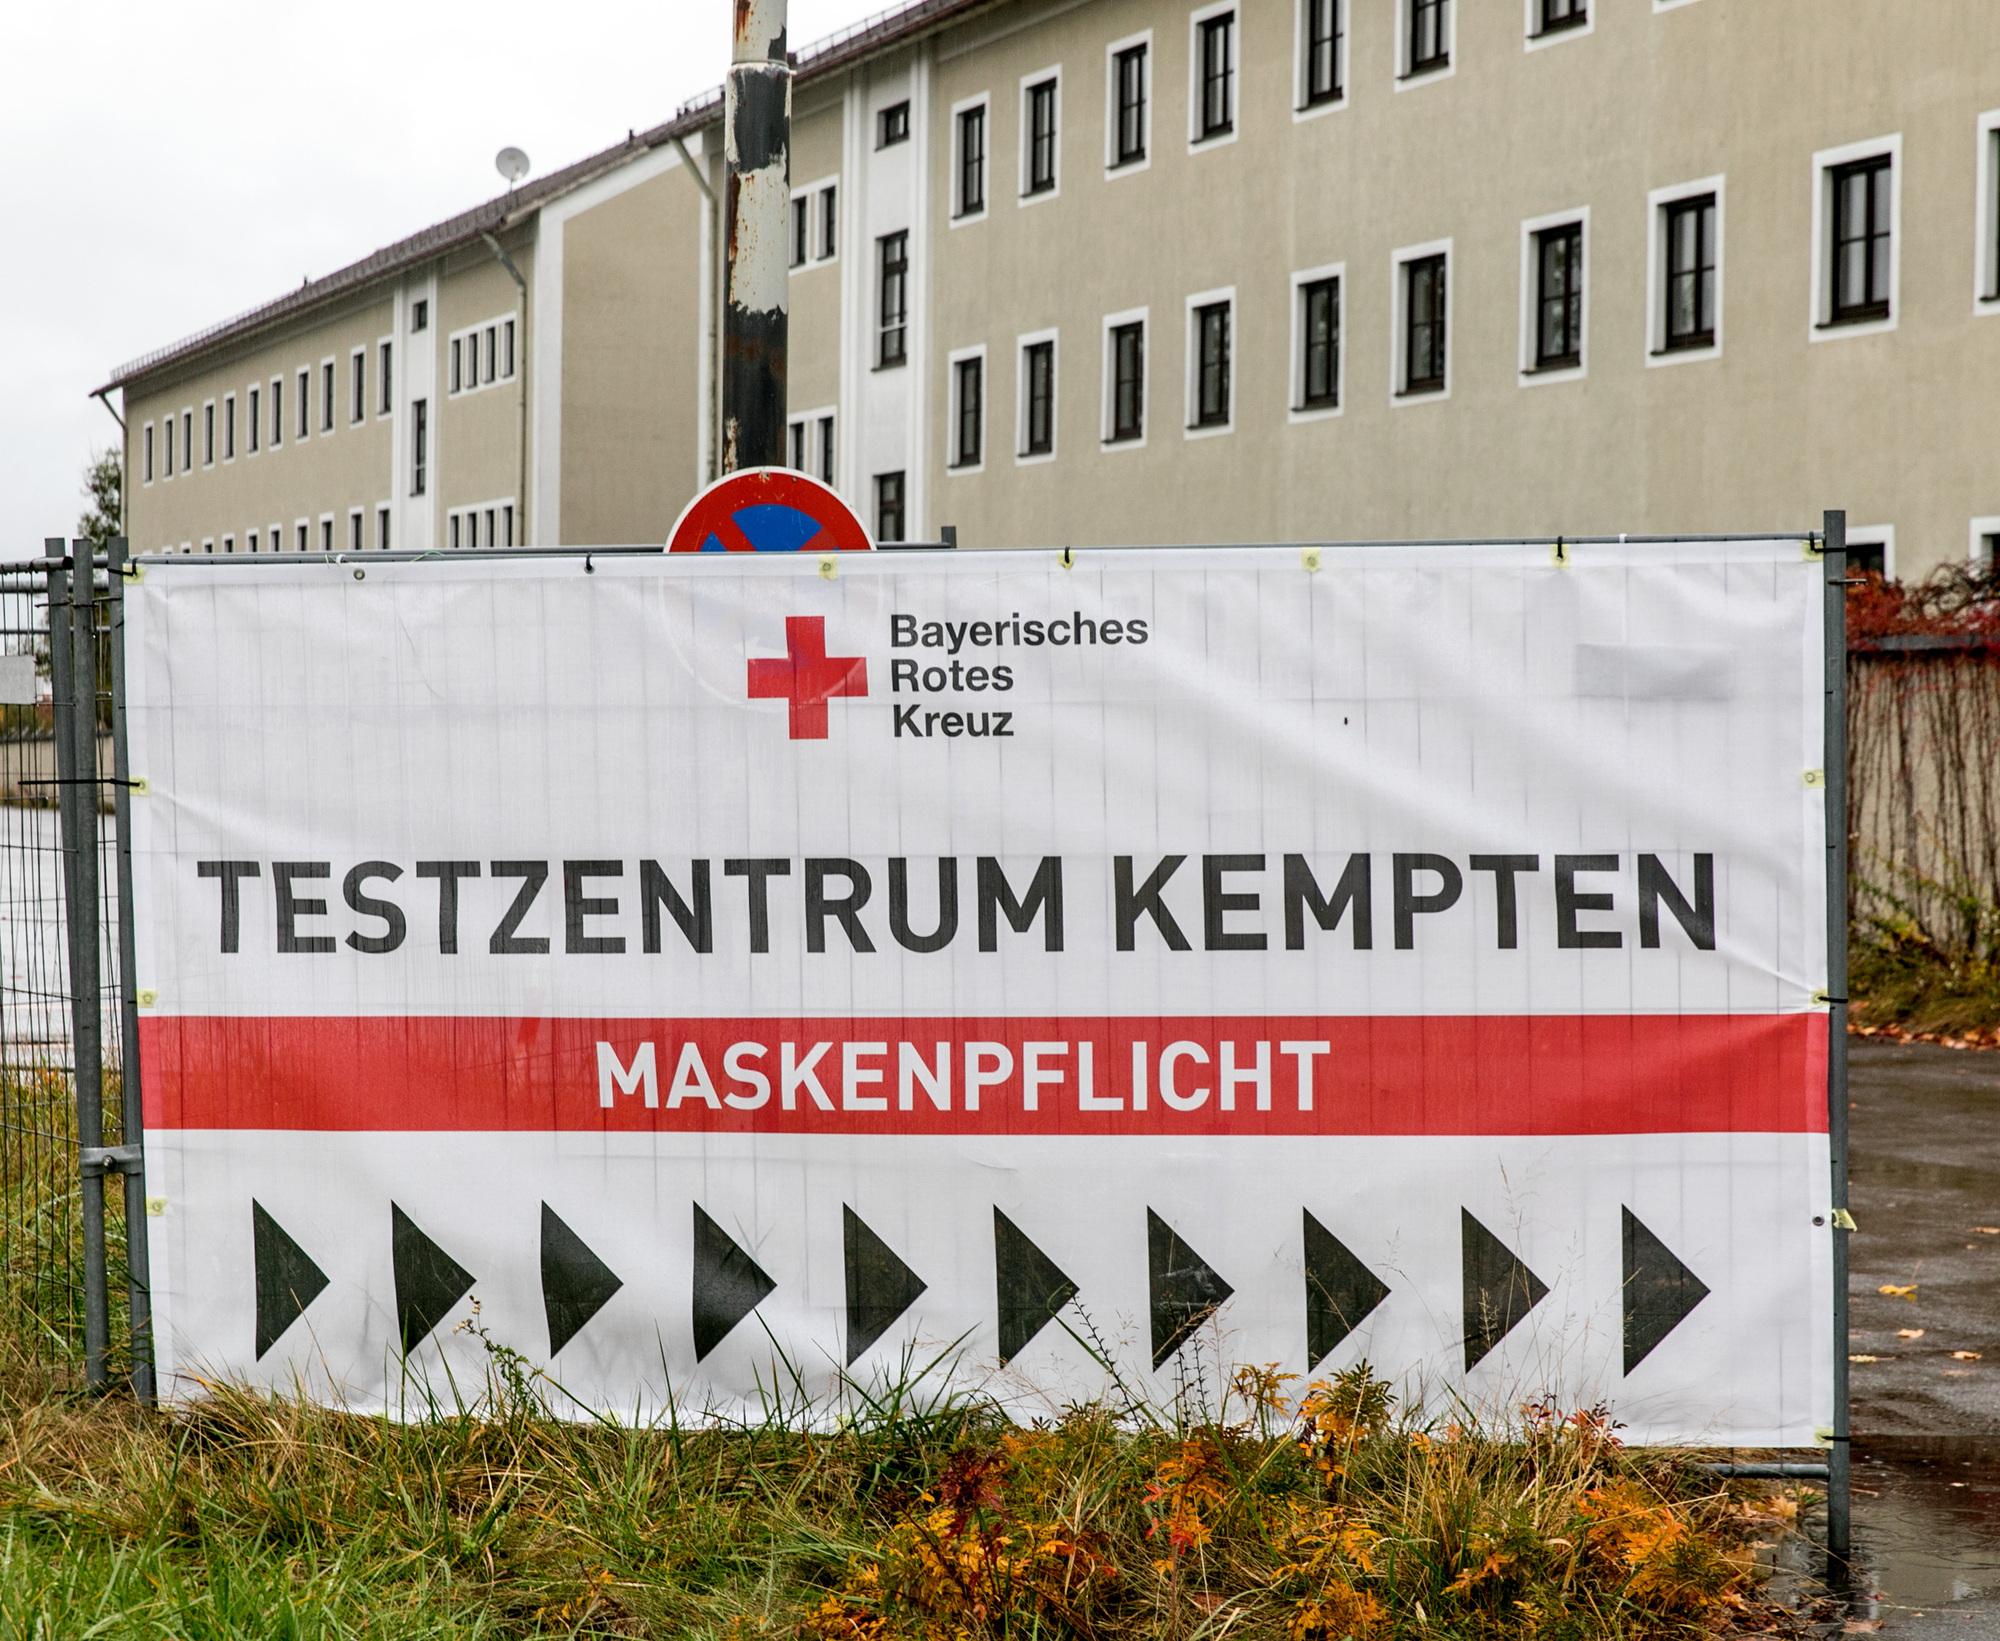 Coronavirus Testzentrum in Rostock | Centogene